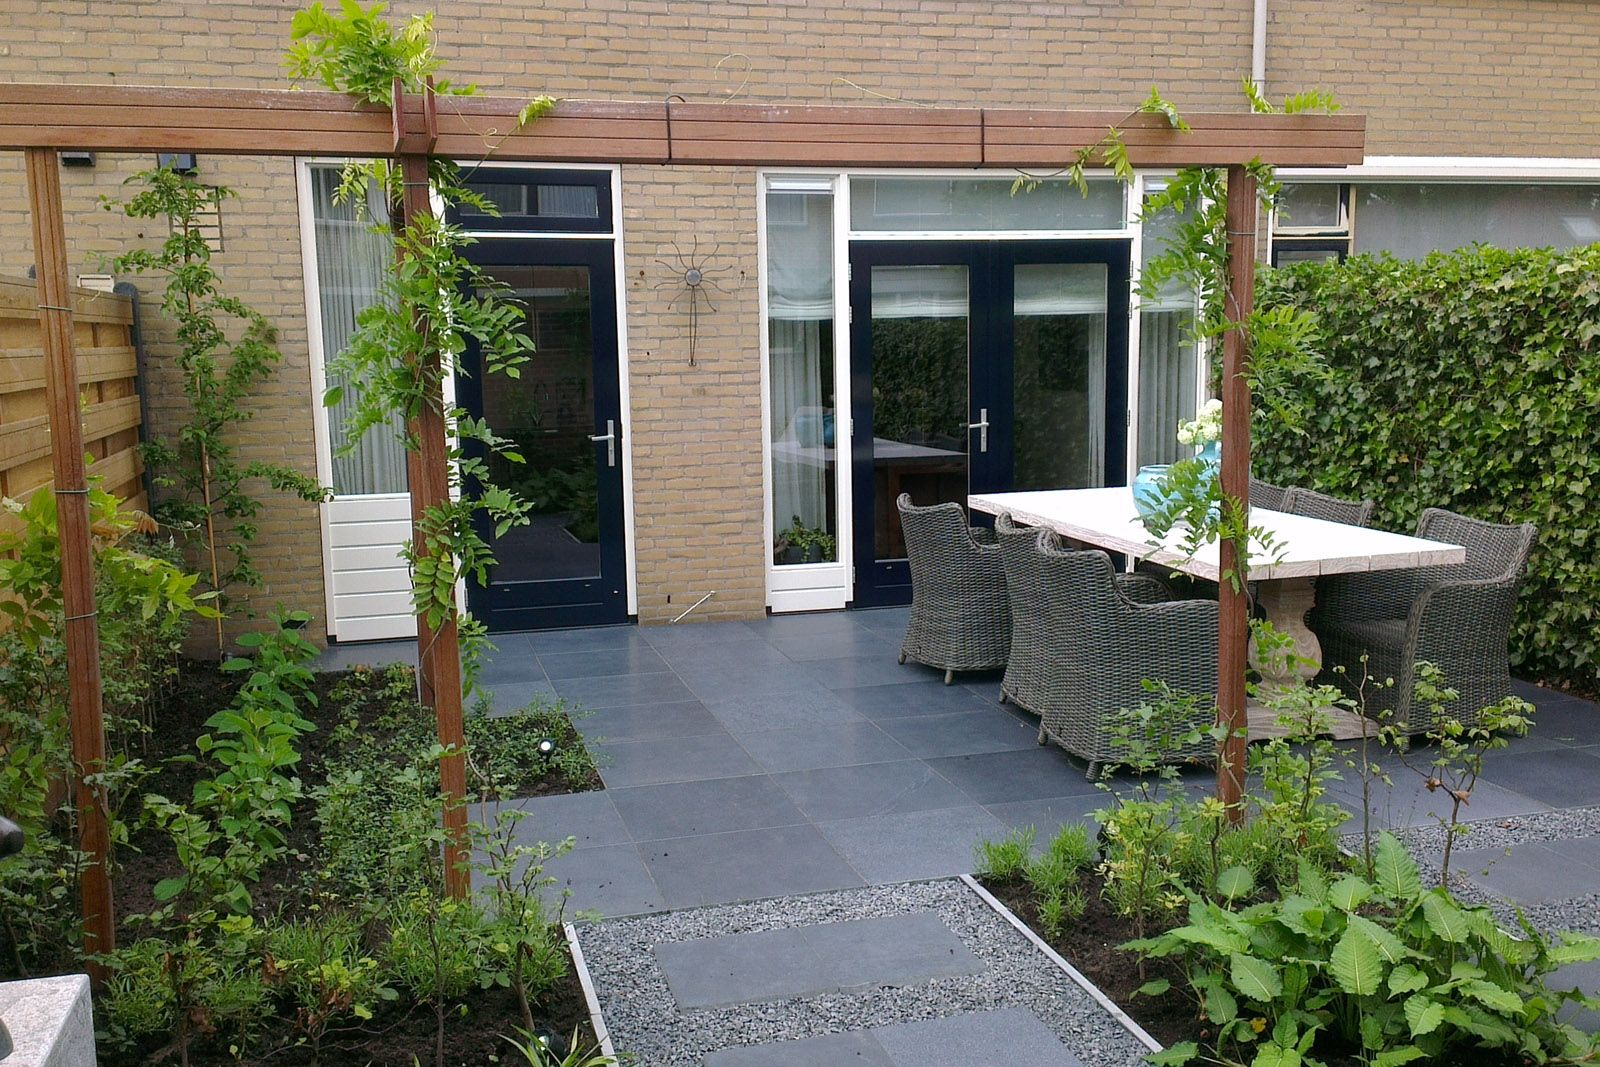 Tuinontwerp Kleine Tuin : Ontwerp kleine tuin Ландшафтный дизайн in tuin m tuin